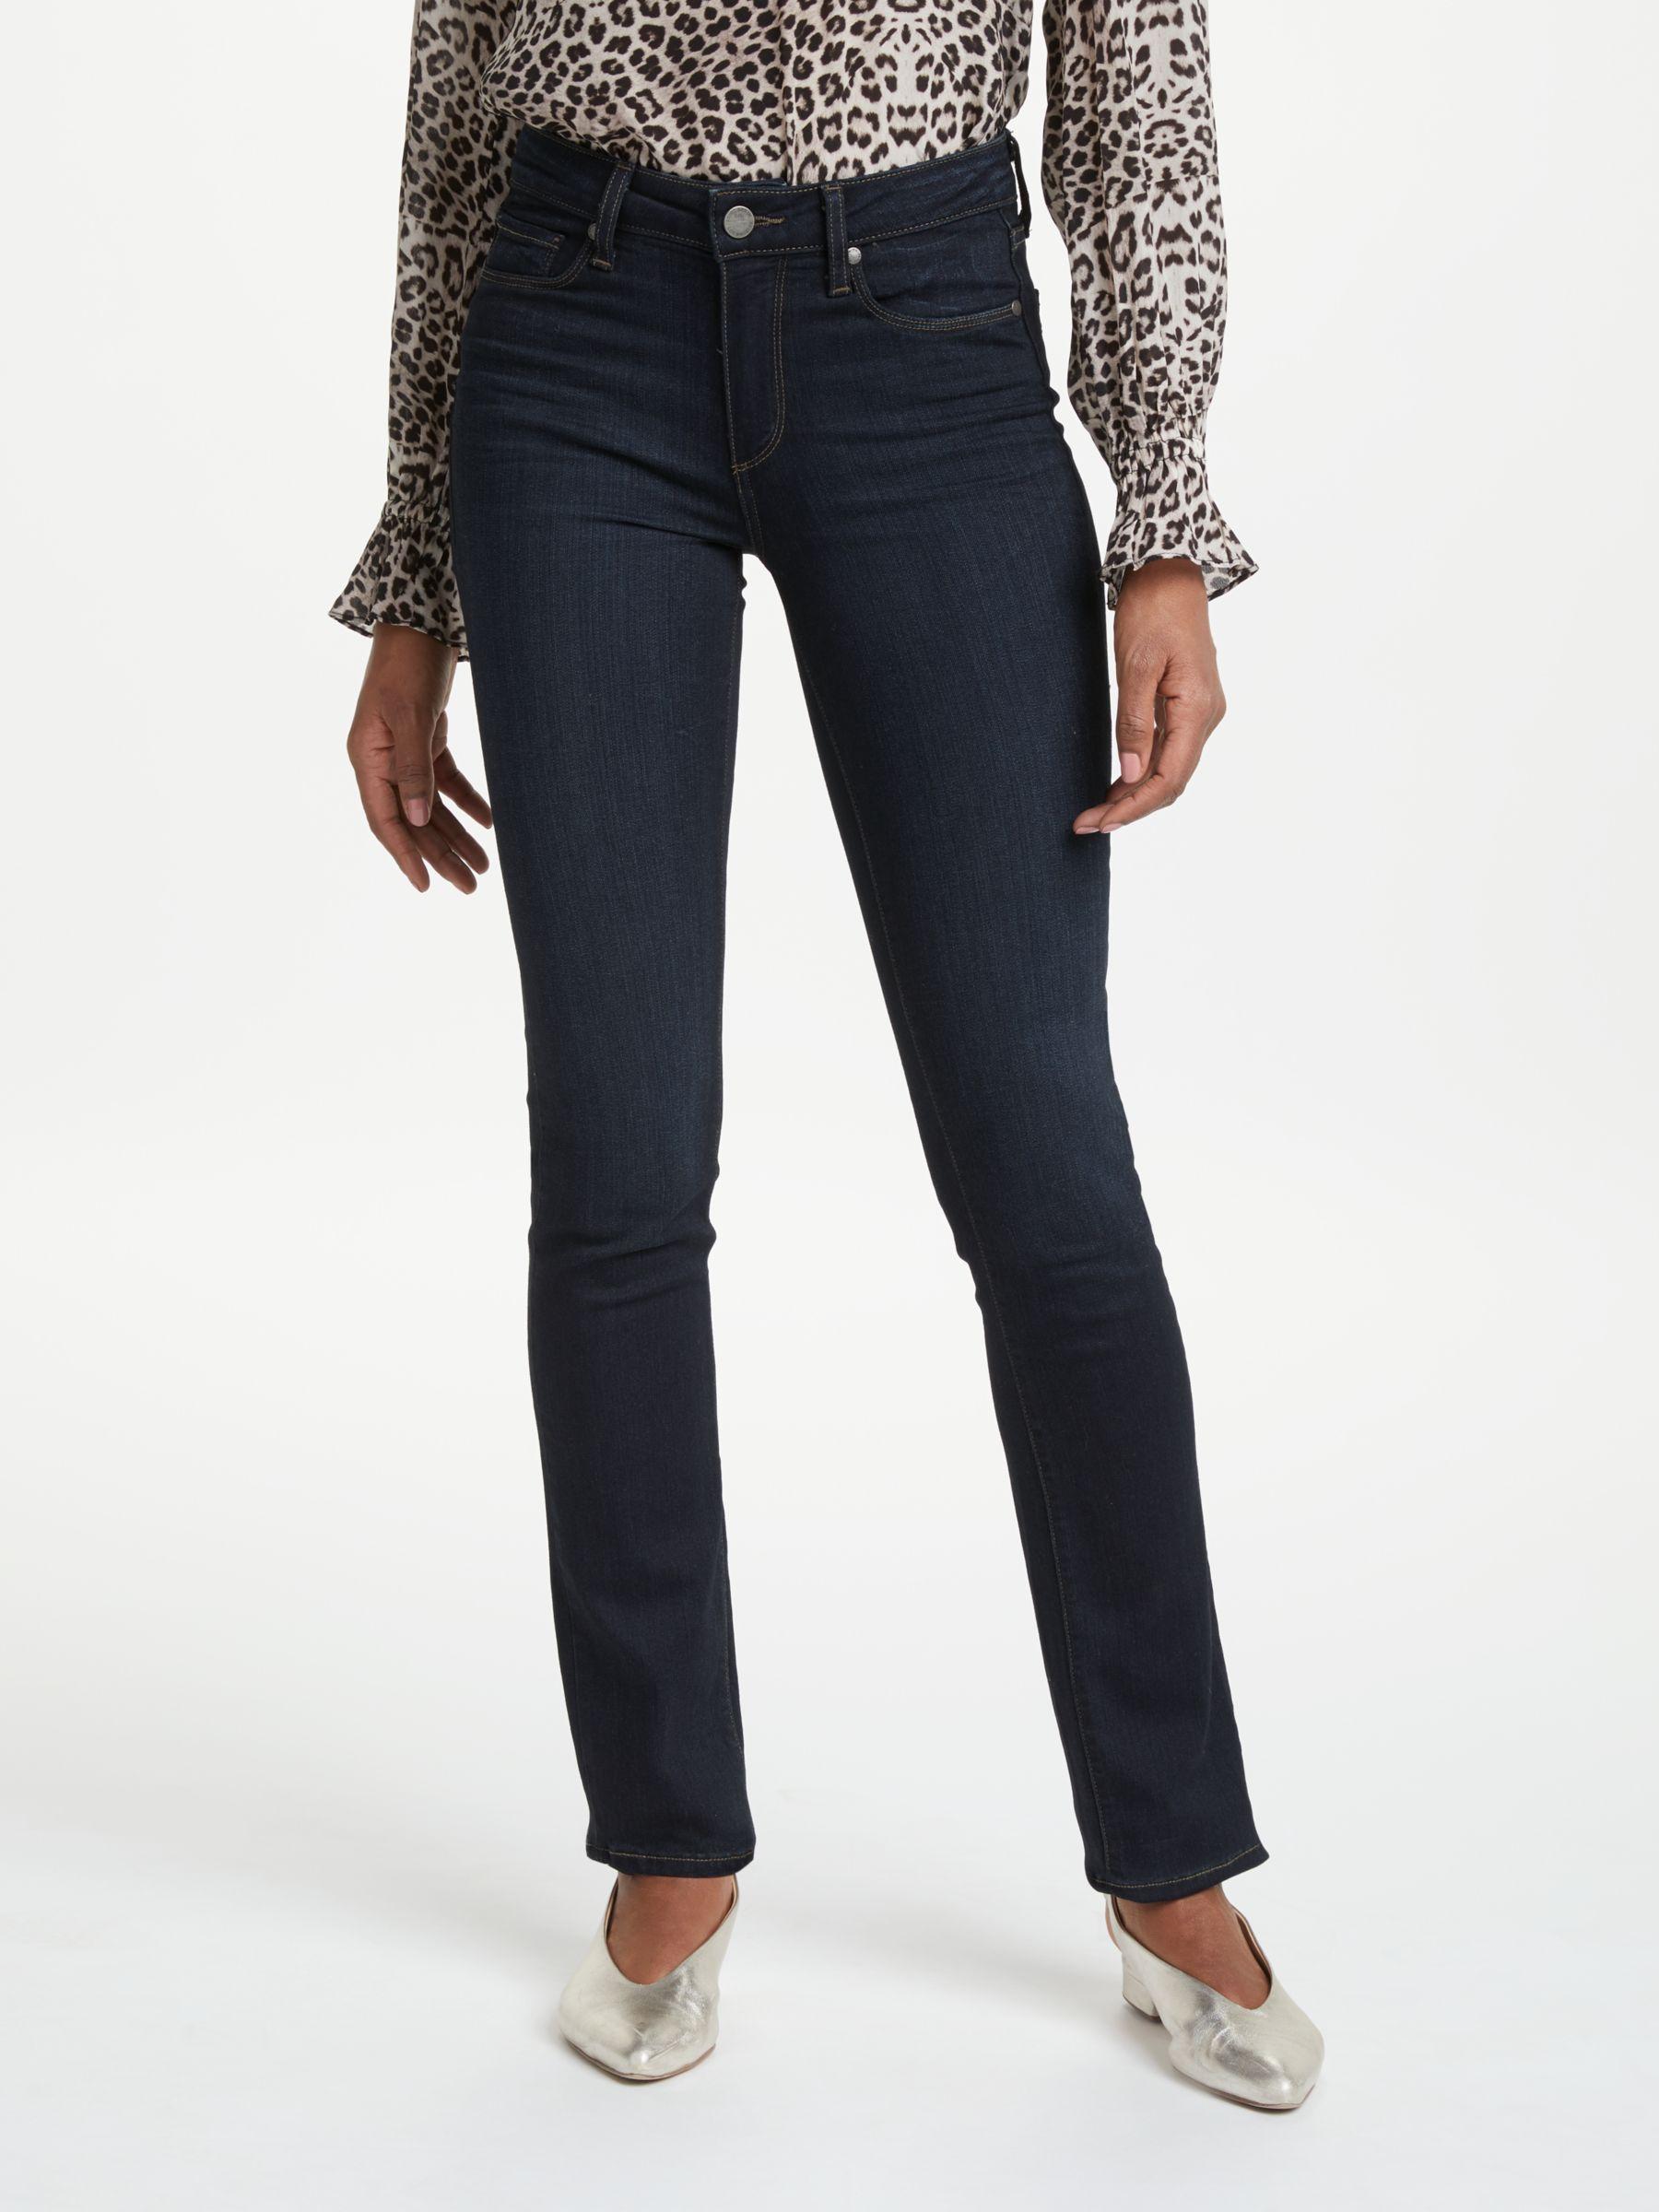 Paige Paige Hoxton Straight Leg Jeans, Mona